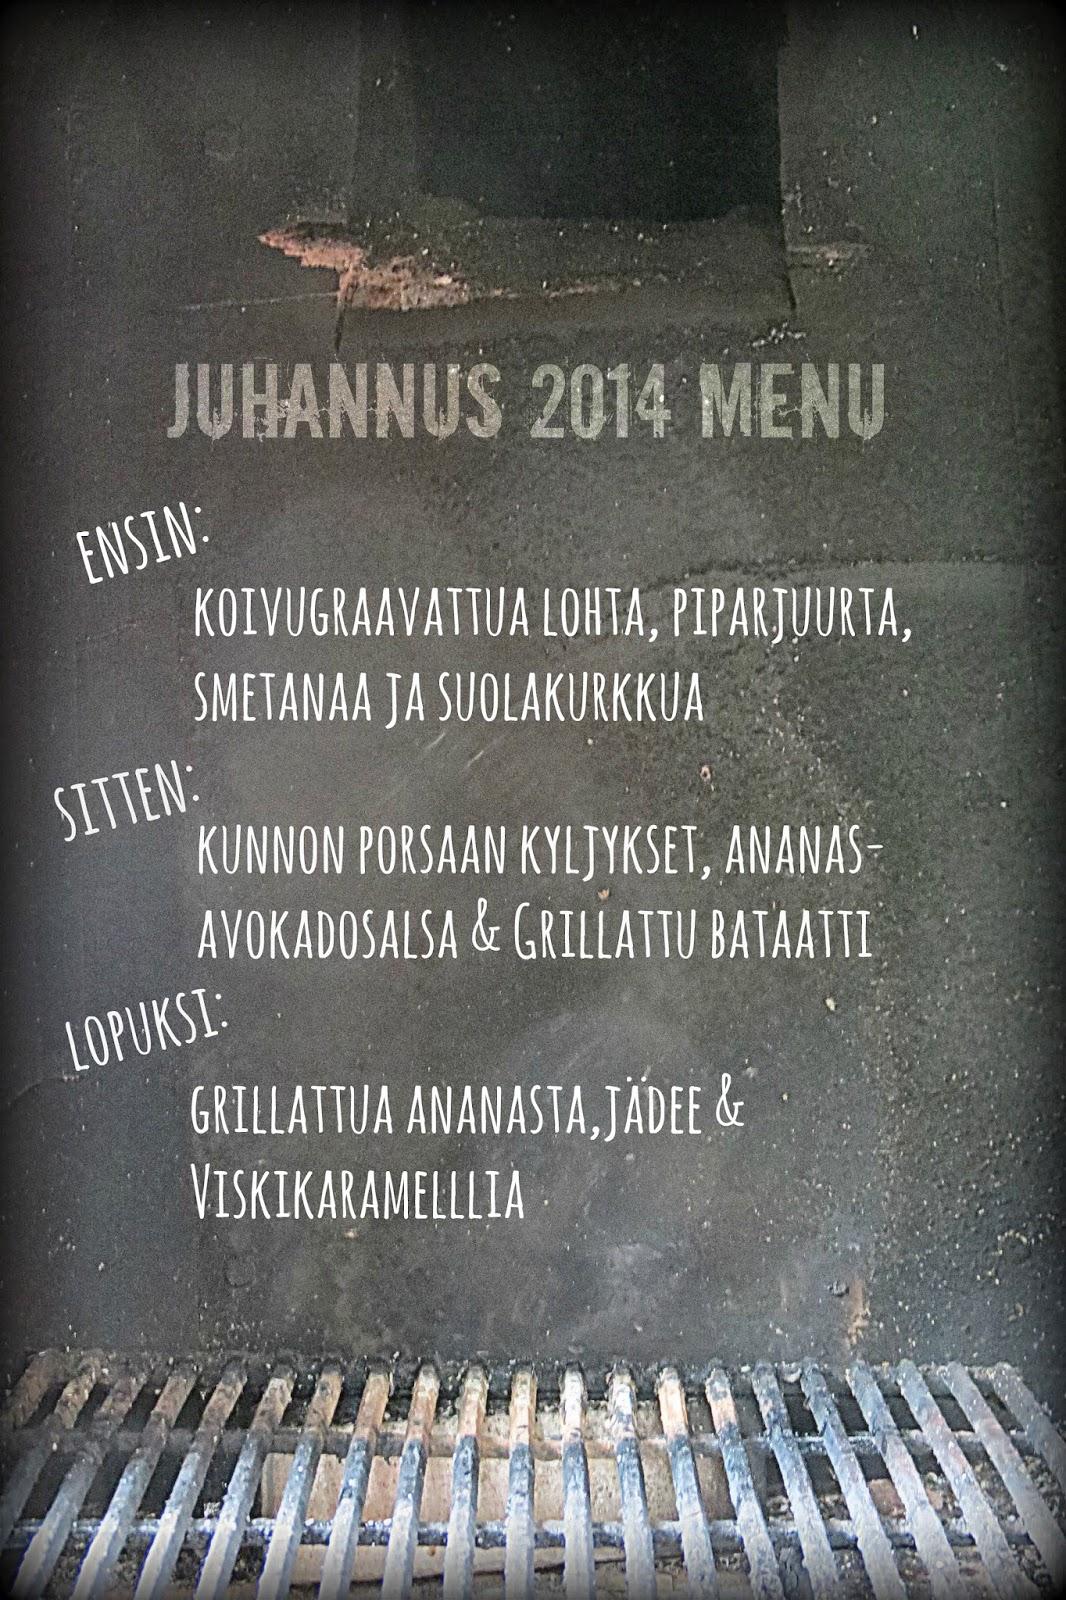 Juhannuksen menu ja päätähtenä mehevät kyljykset